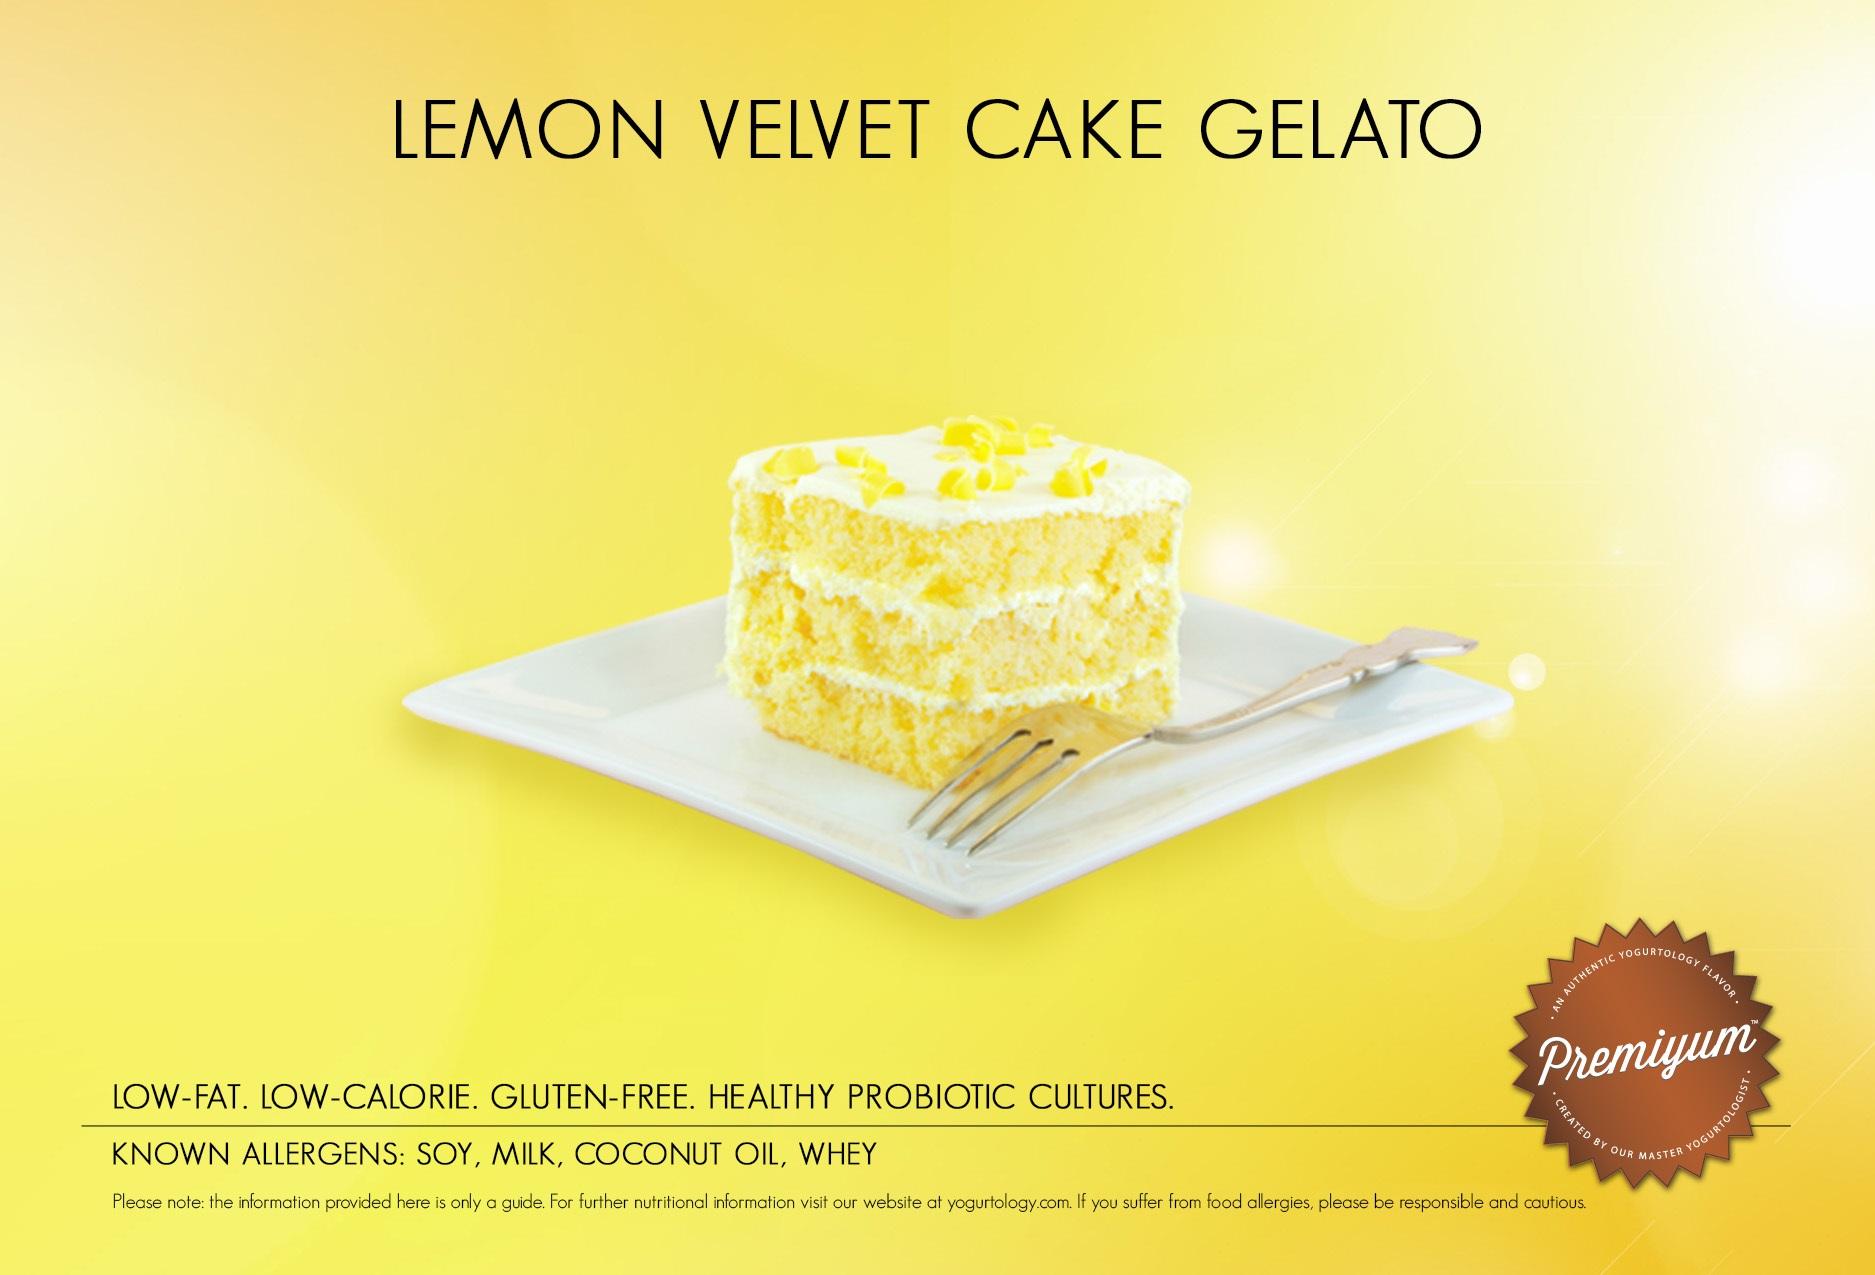 Lemon Velvet Cake Gelato